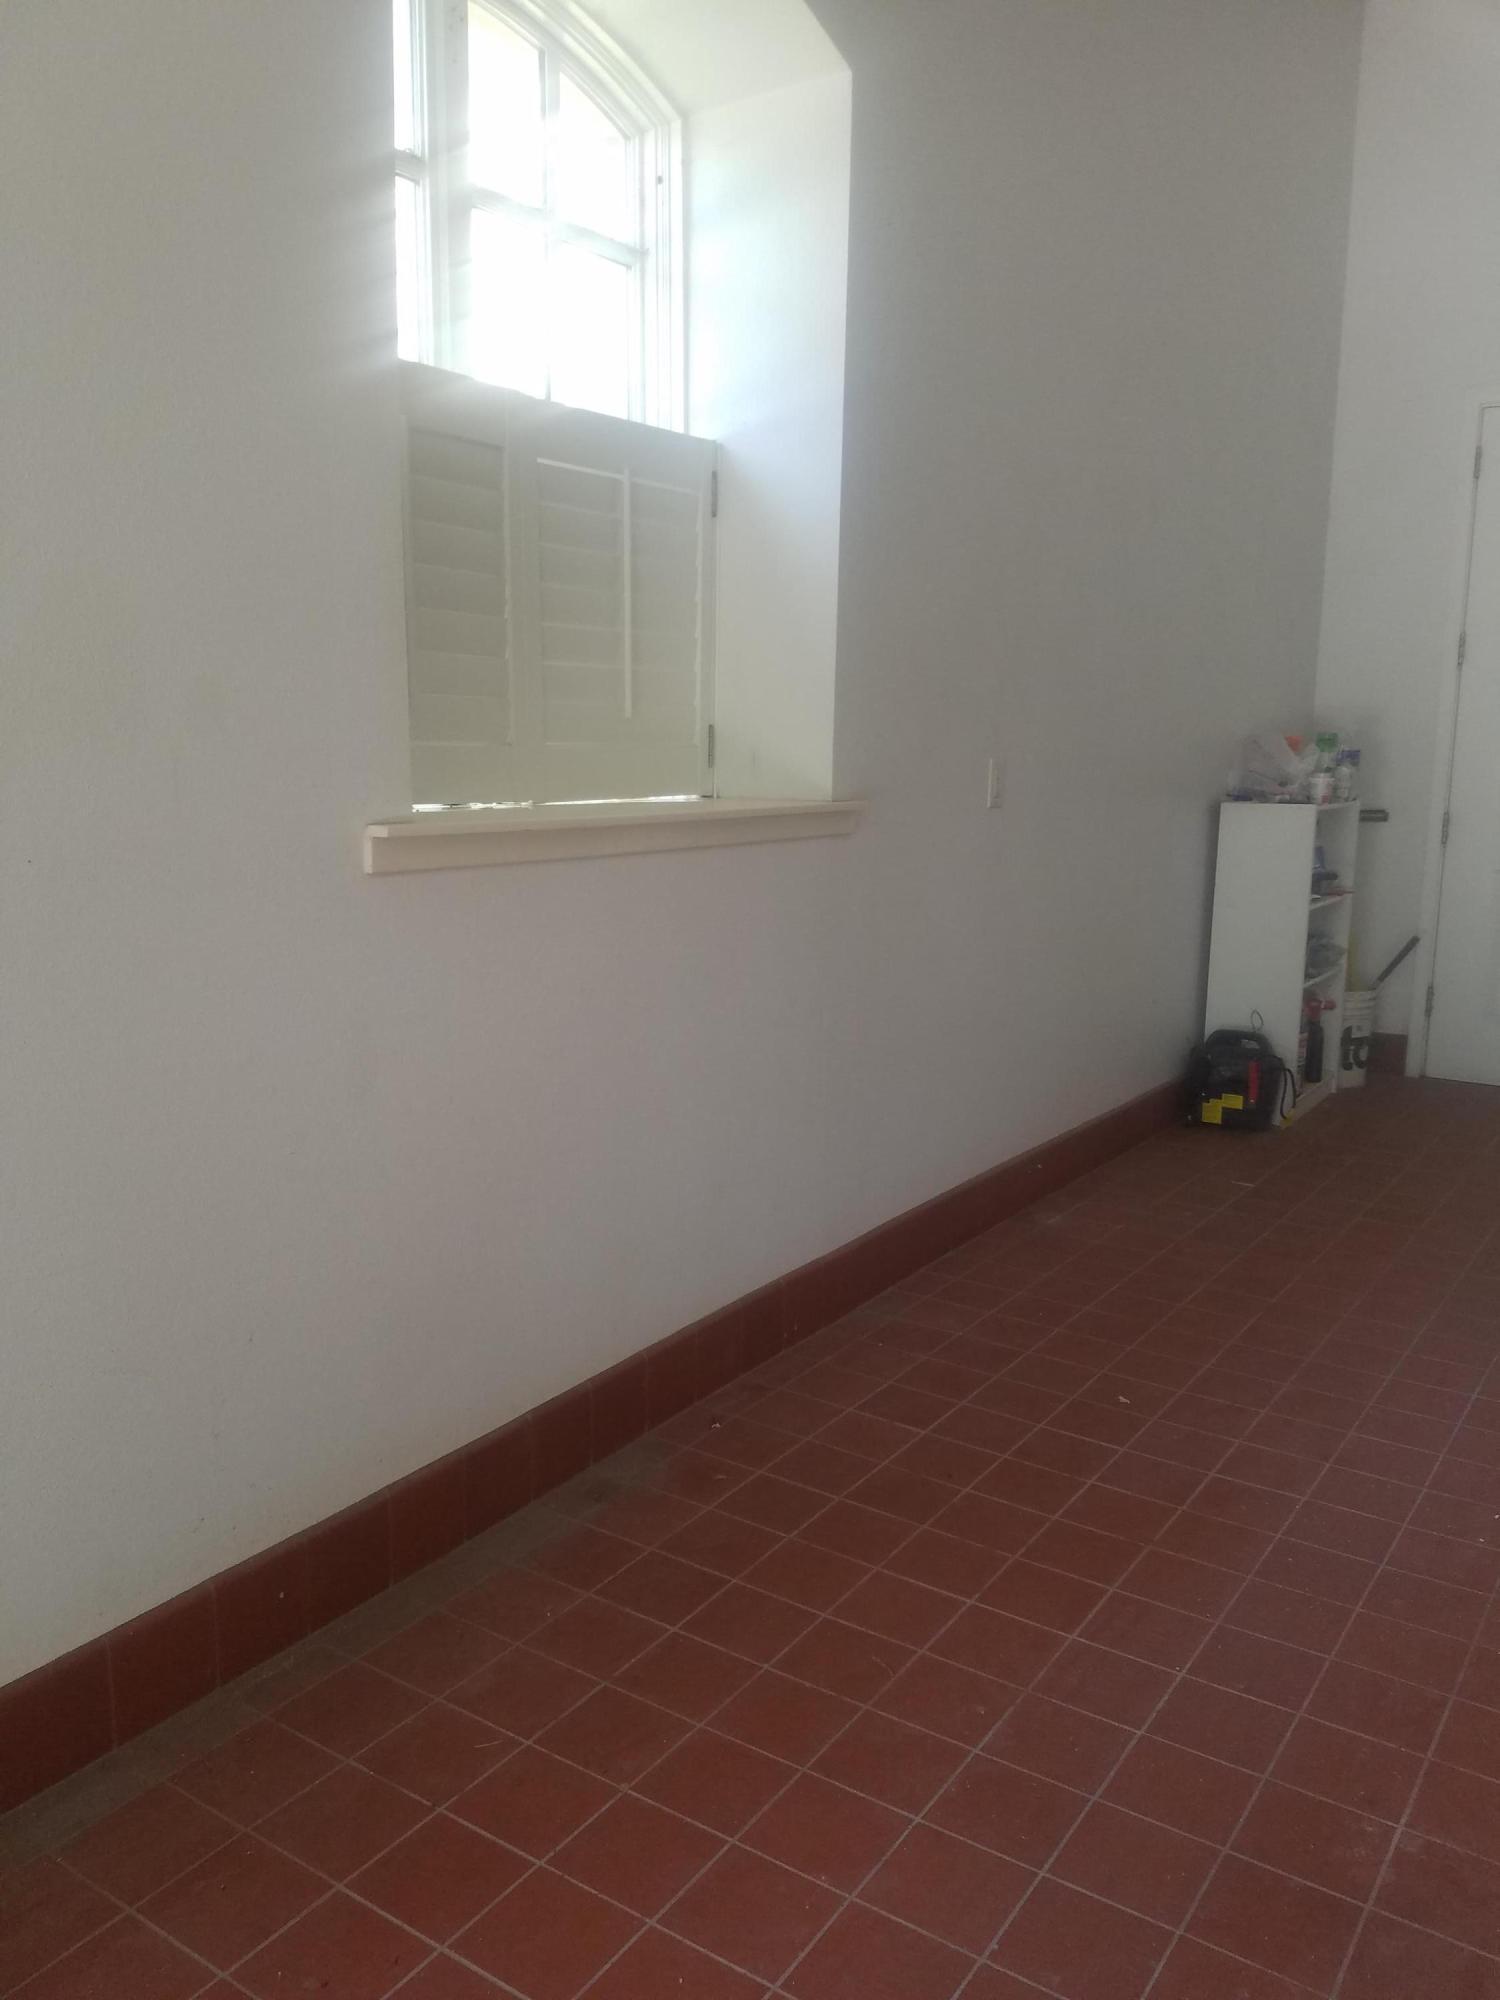 Garage Tiled Floor